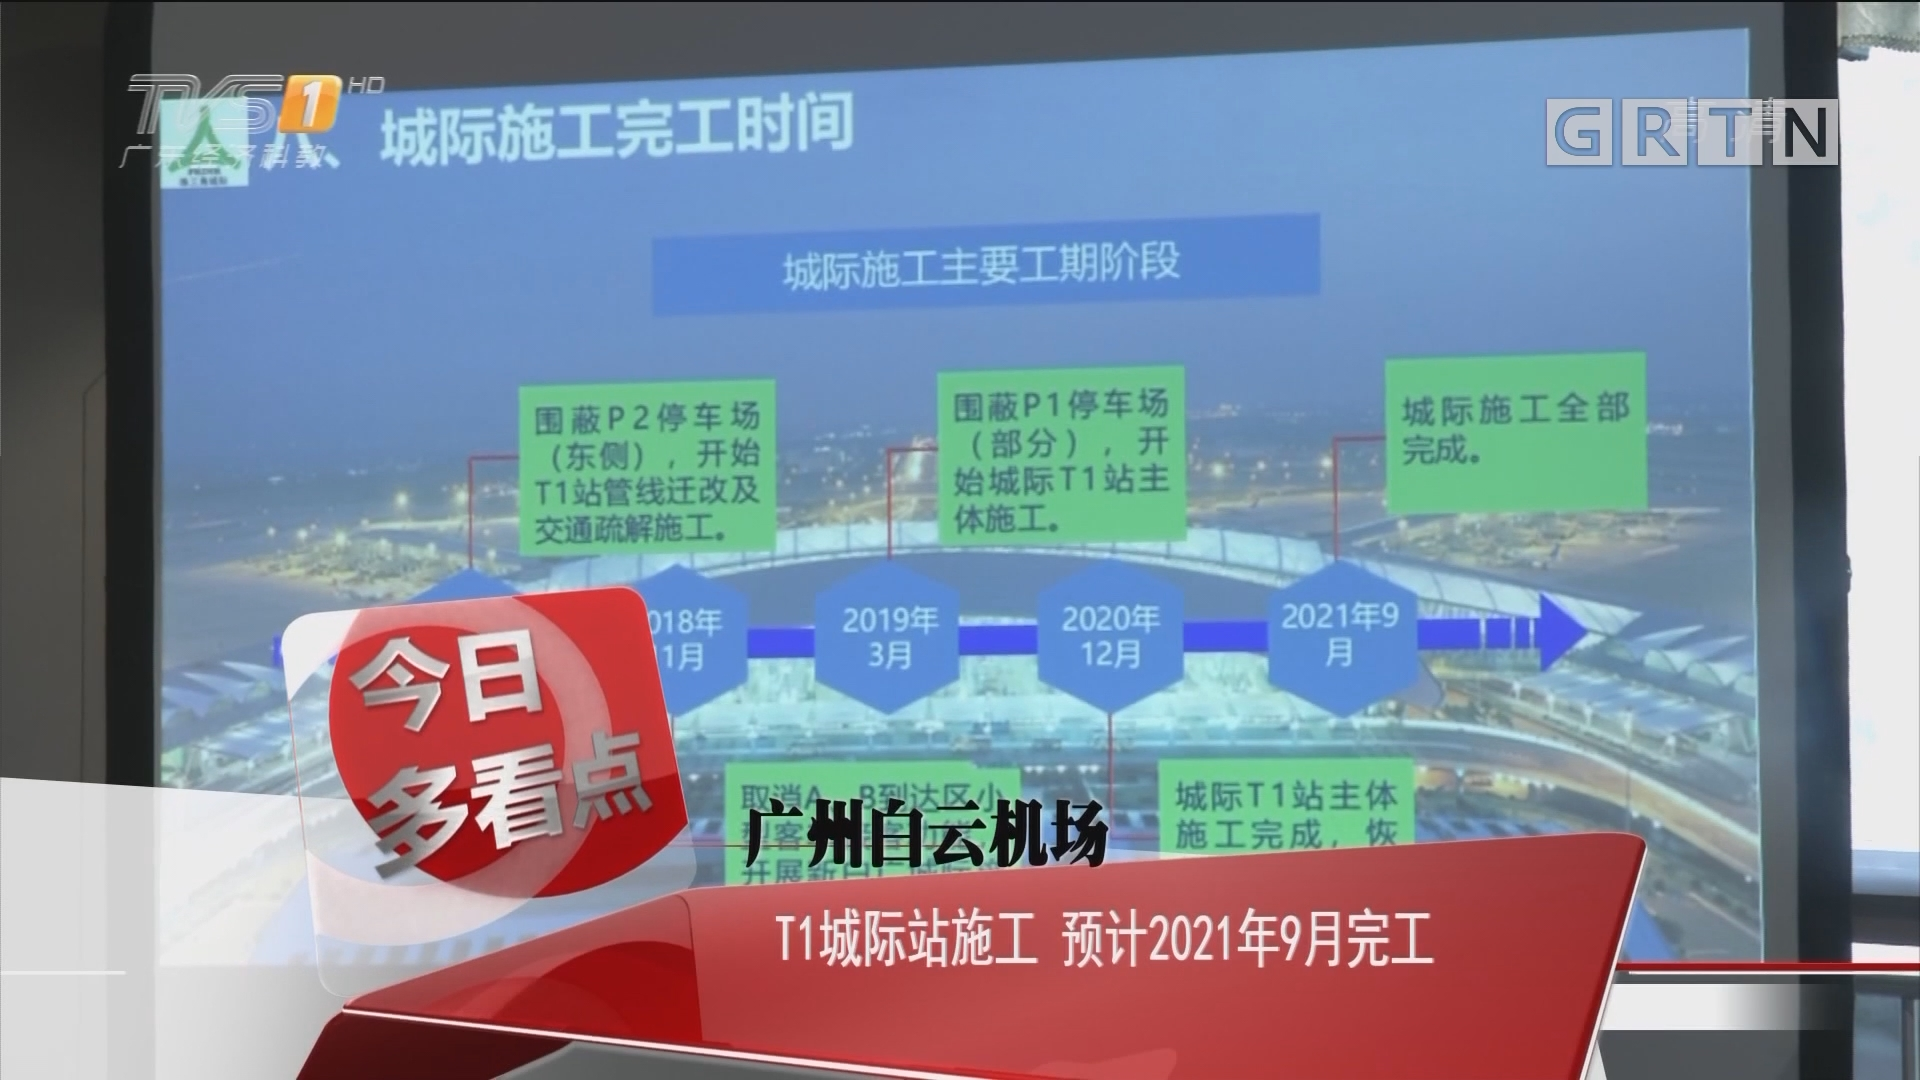 广州白云机场:T1城际站施工 预计2021年9月完工